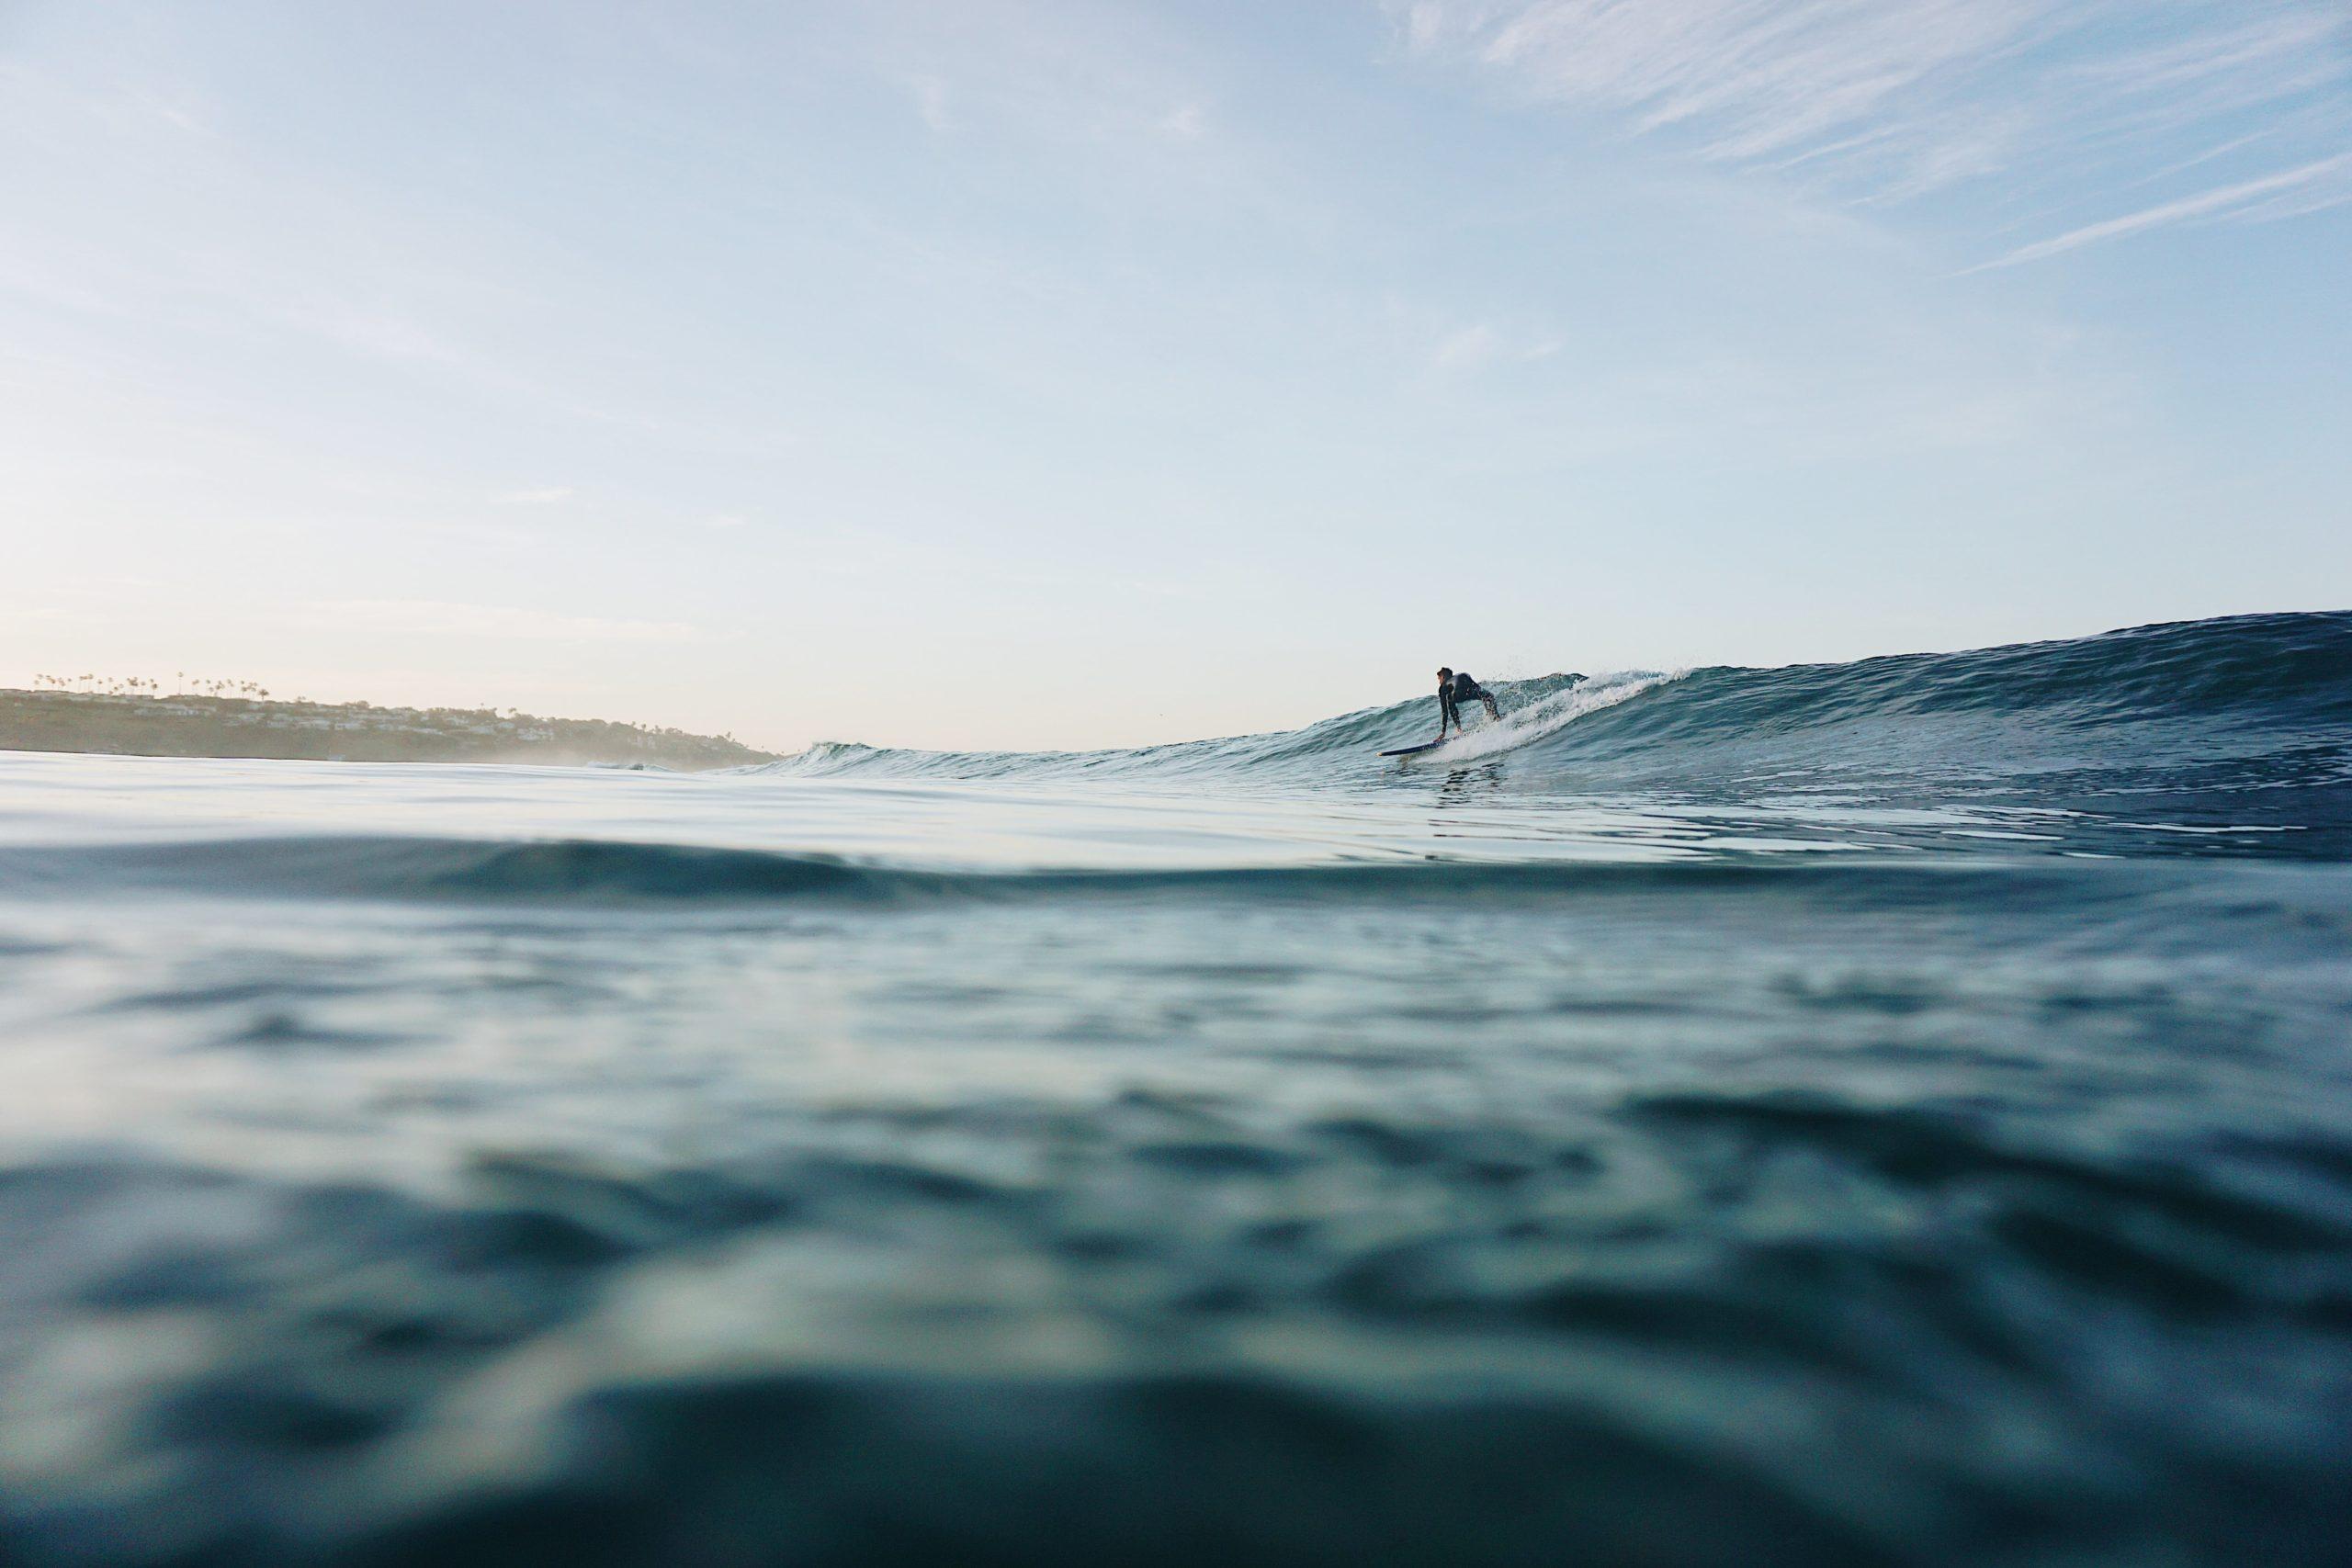 Surfing Malibu - Zuma Beach